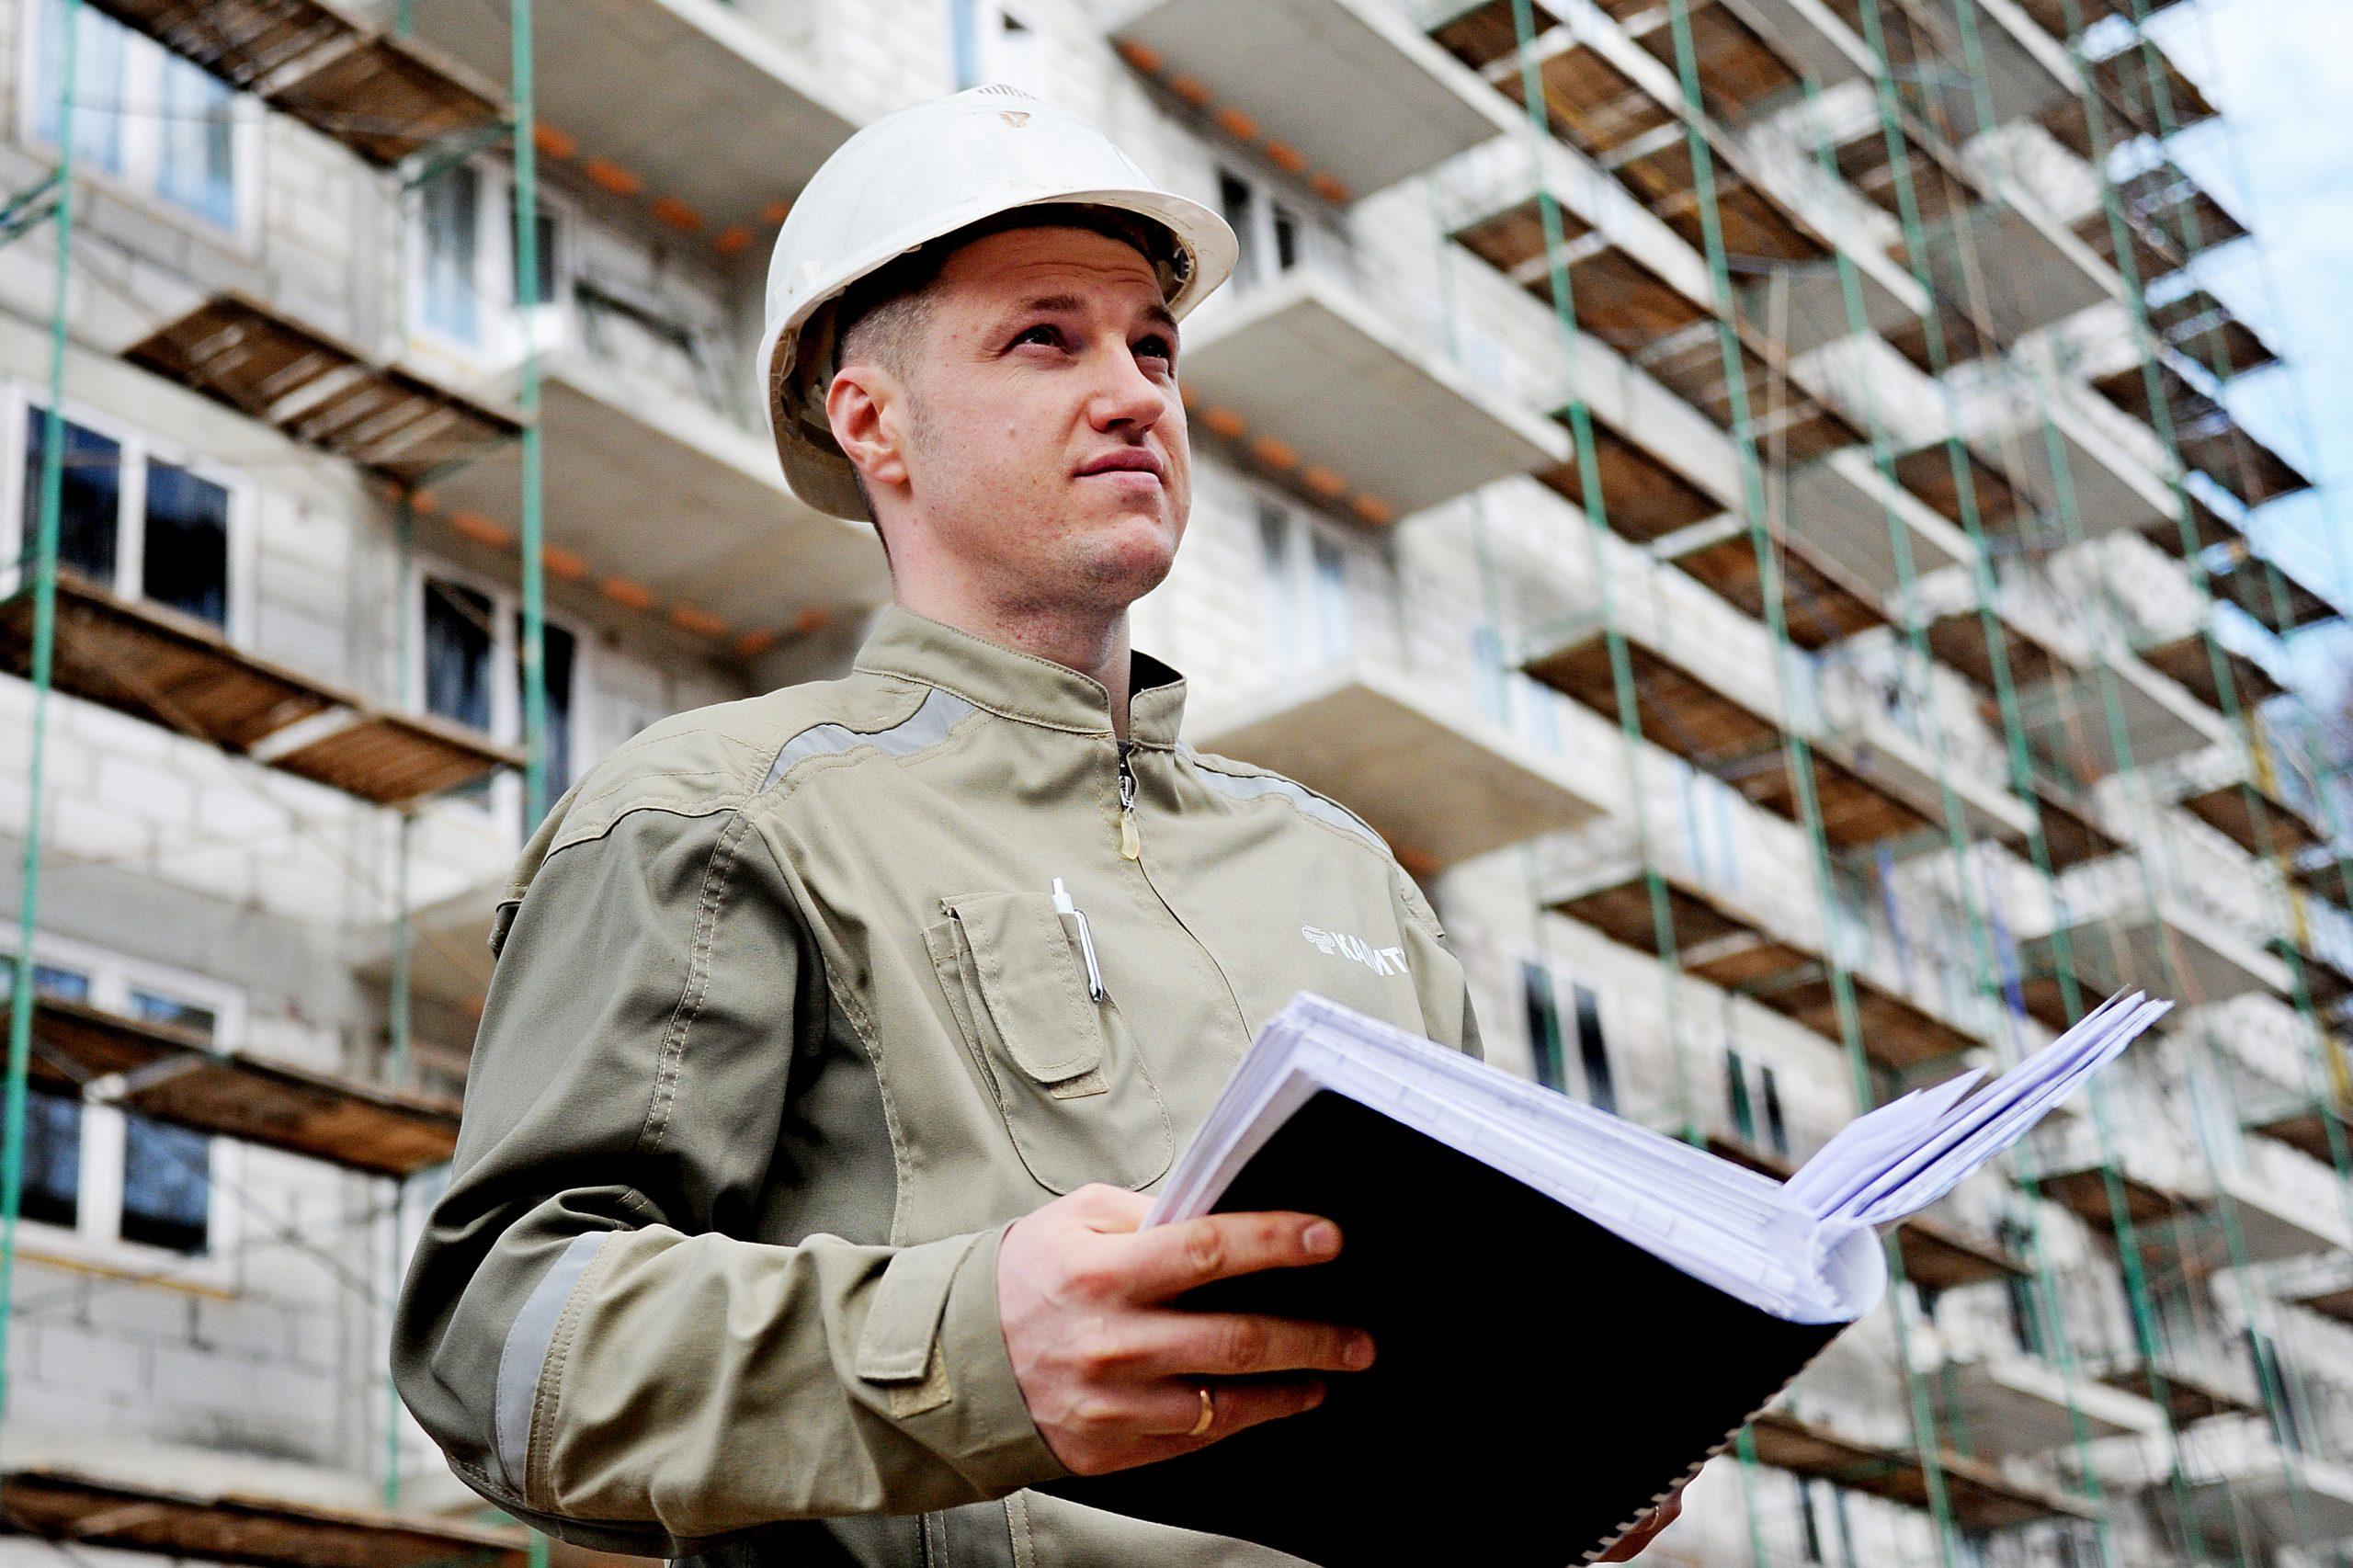 Жилой дом по программе реновации в Нагатинском Затоне возведут с применением современных технологий